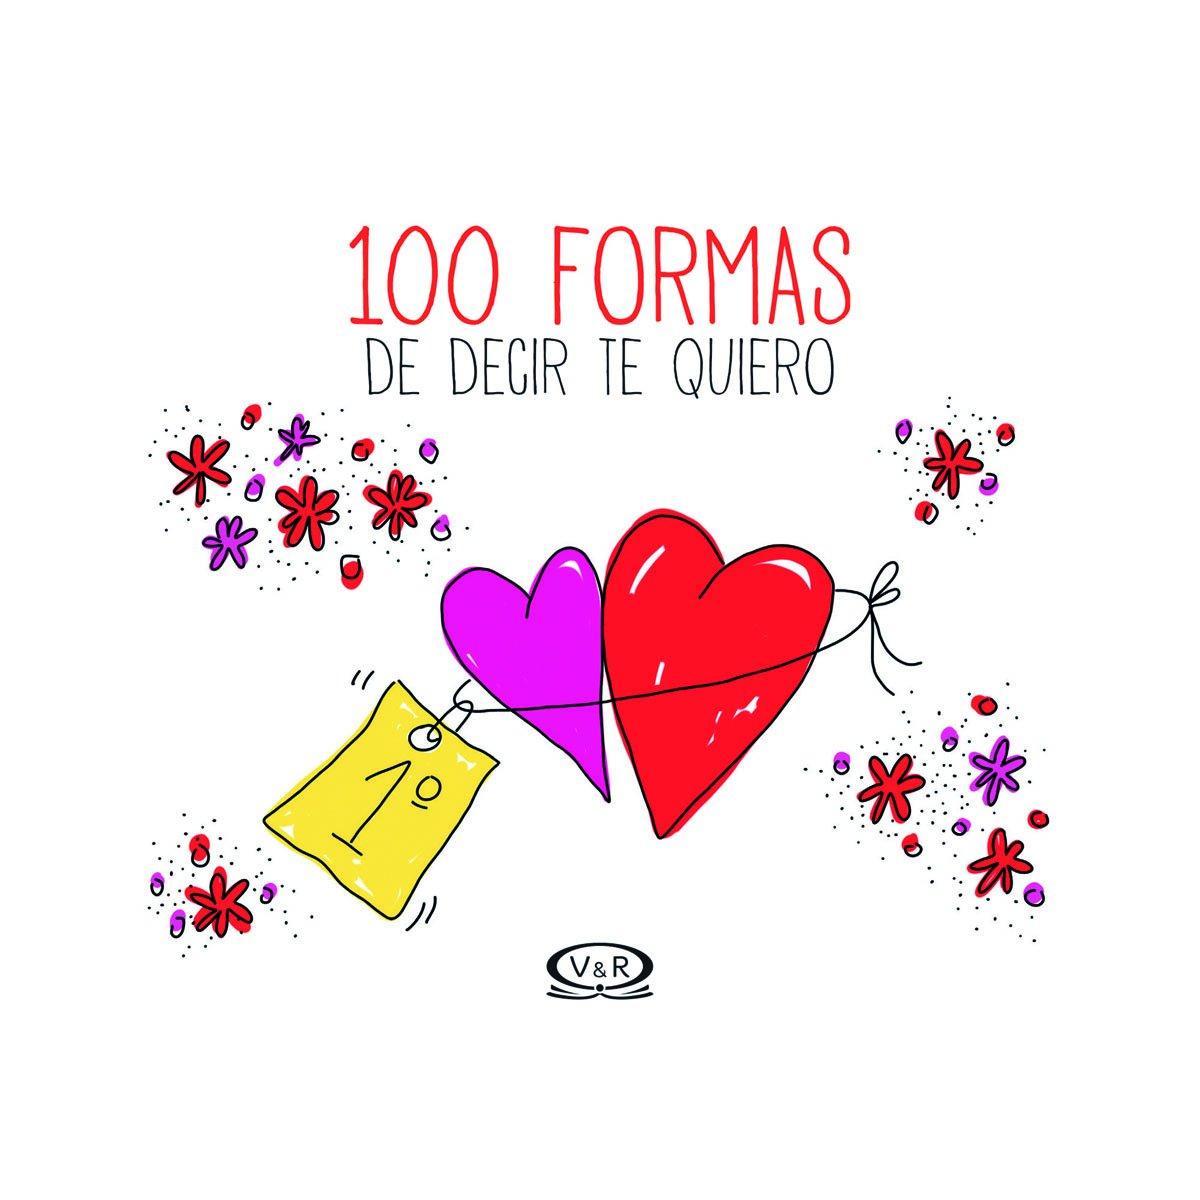 100 FORMAS DE DECIR TE QUIERO  VERGARA  RIBA  SEARSCOM